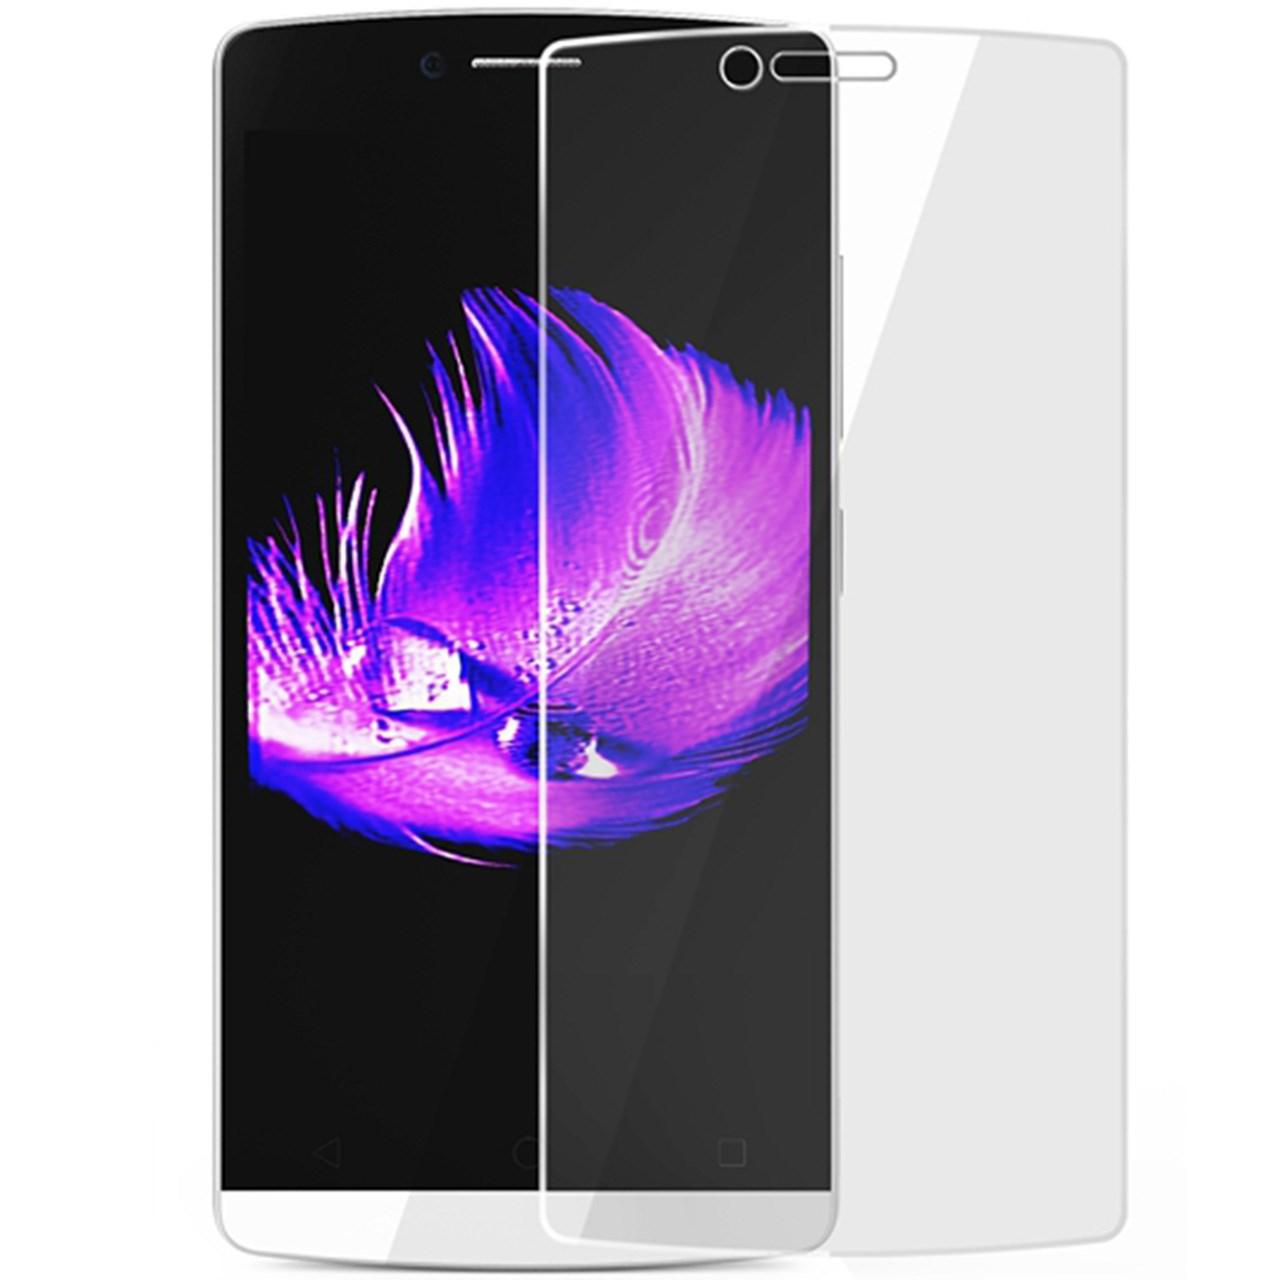 محافظ صفحه نمایش شیشه ای لاوفون مدل Tempered مناسب برای گوشی موبایل تی پی-لینک Neffos C5L TP601A